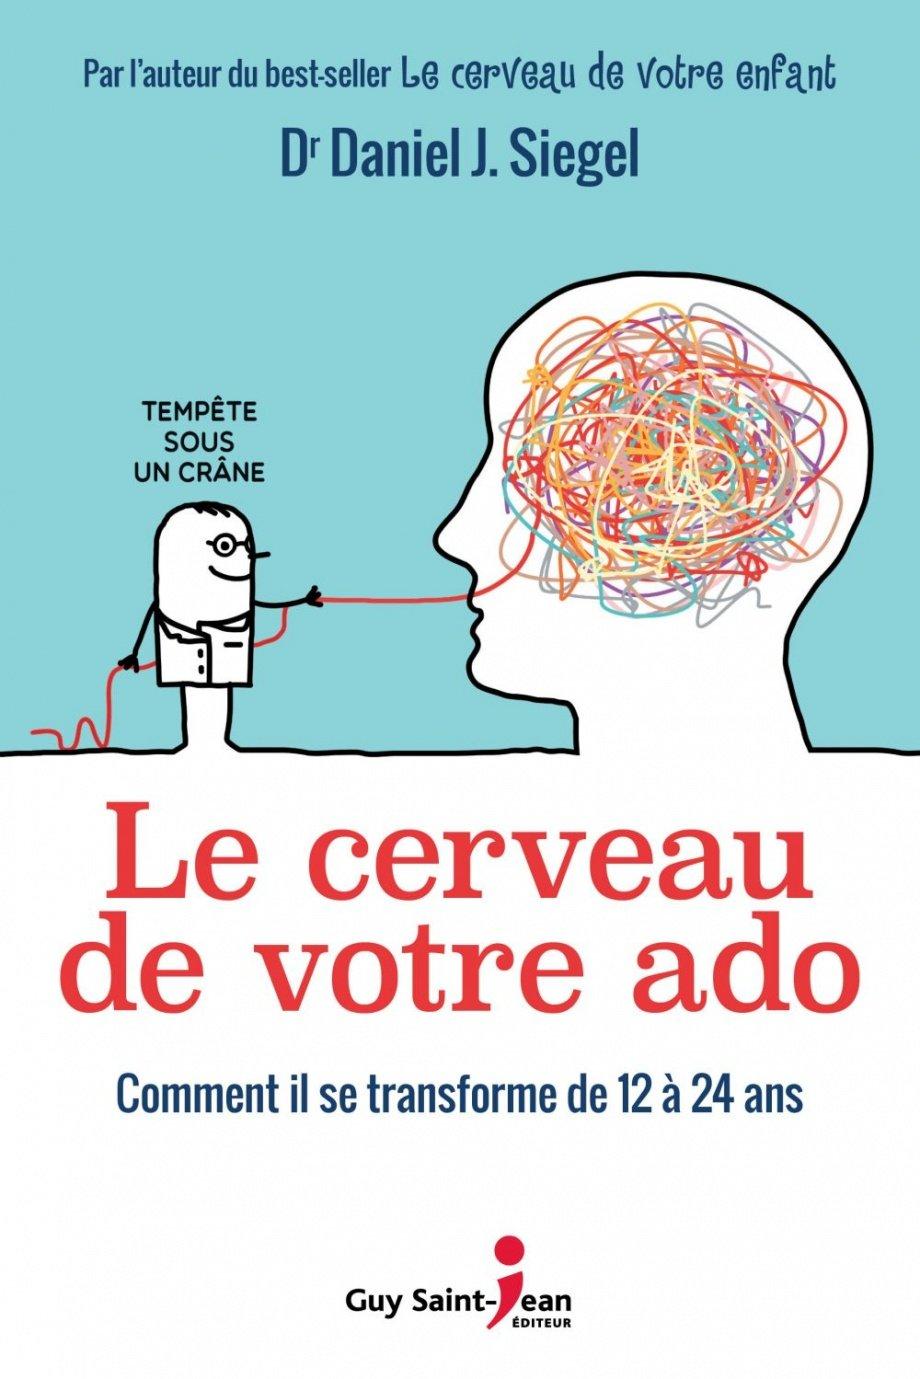 Le Cerveau De Votre Ado Comment Il Se Transforme De 12 A 24 Ans